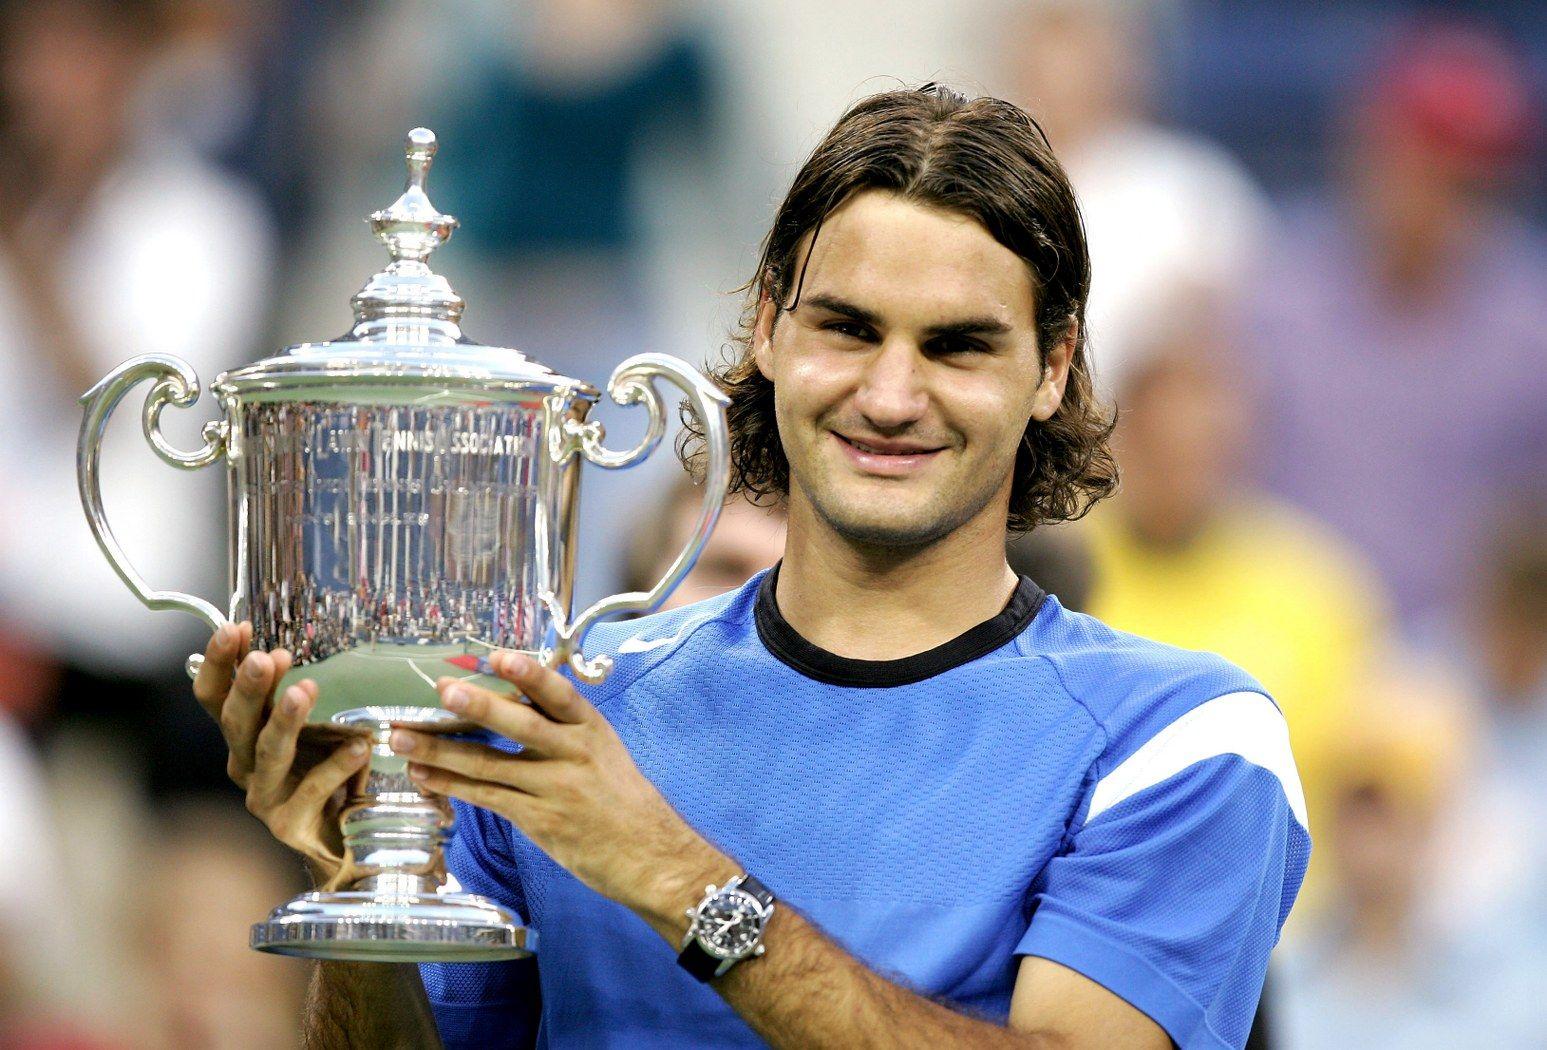 Годината е 2004-а. Роджър Федерер печели първия си трофей в САЩ след силна серия от победи и 3:0 над Лейтън Хюит на финала.